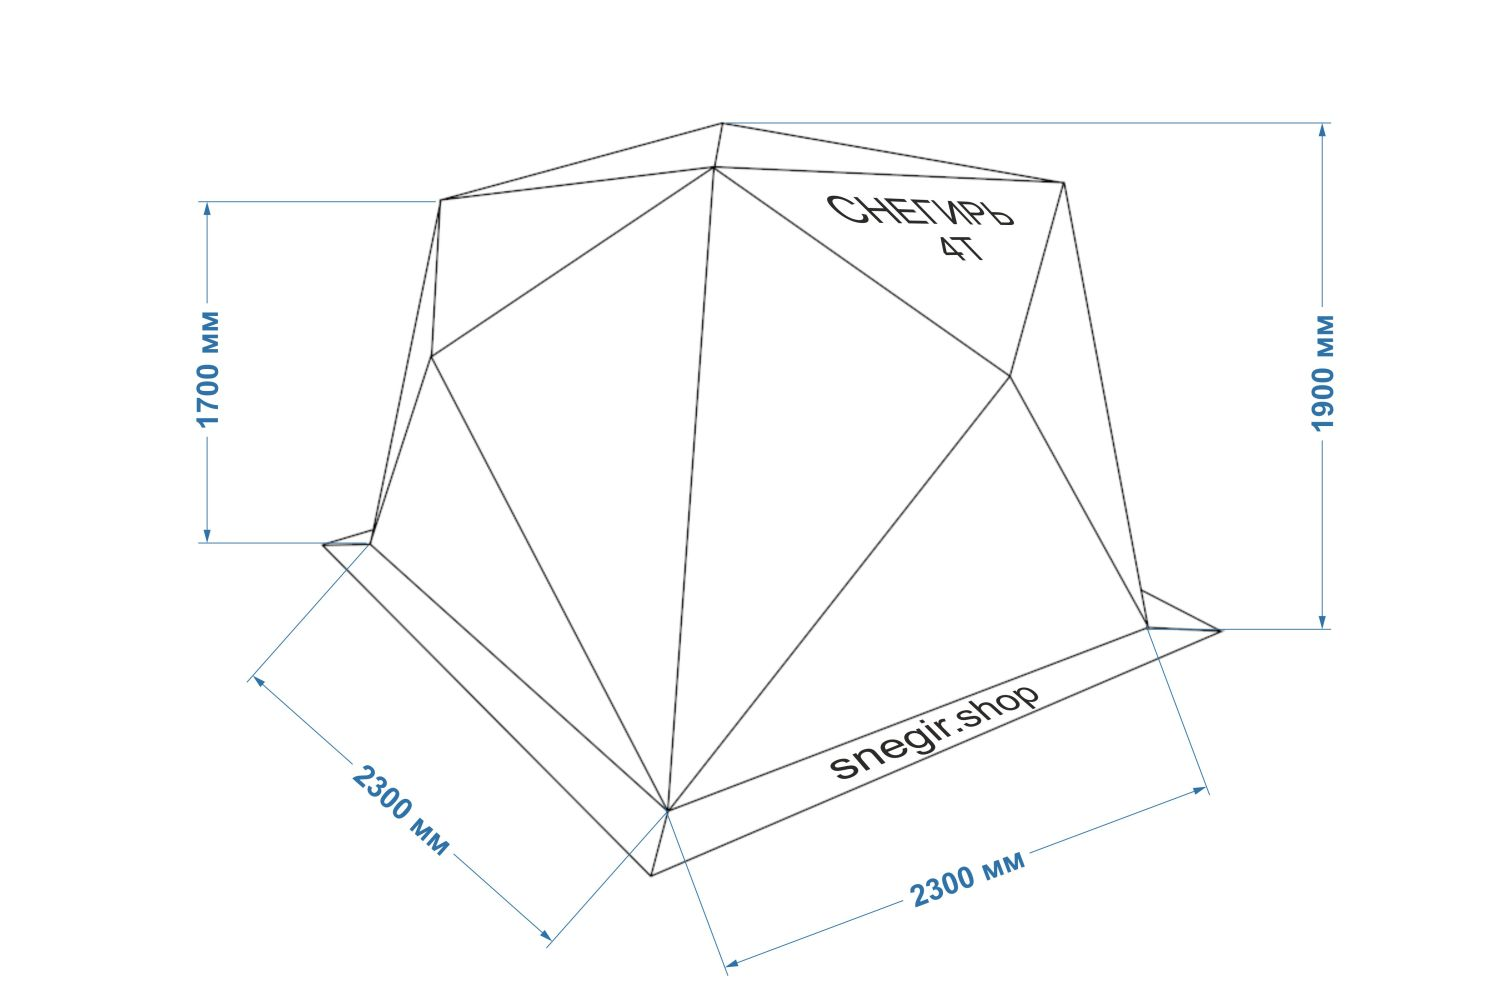 Схема размеров палатки Снегирь 4Т